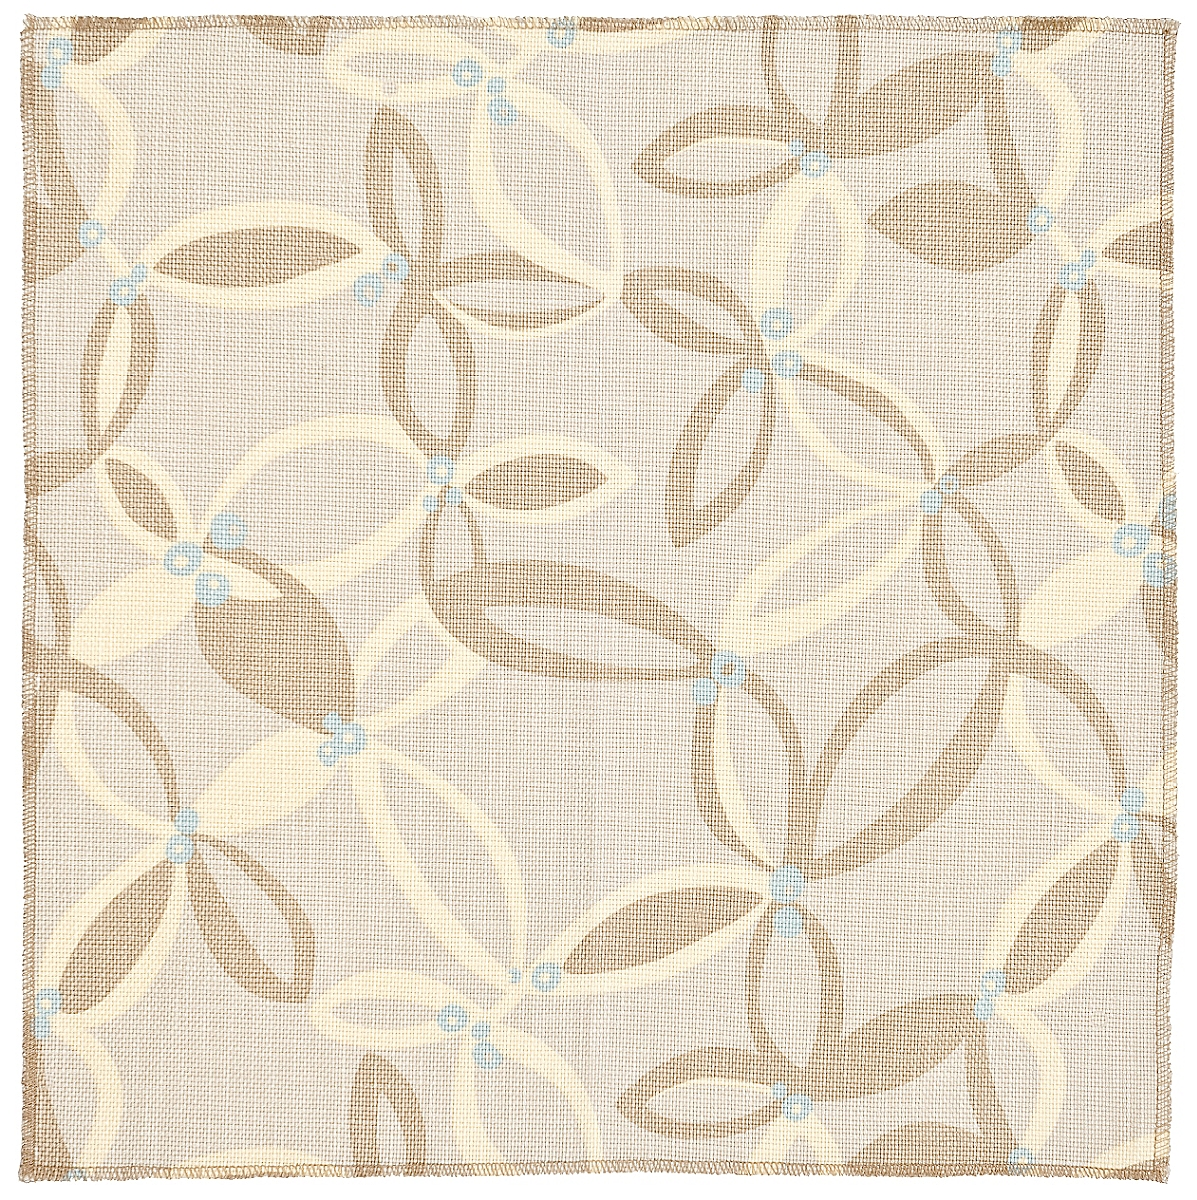 Gimme-A-Ring: Ivory (fabric yardage)